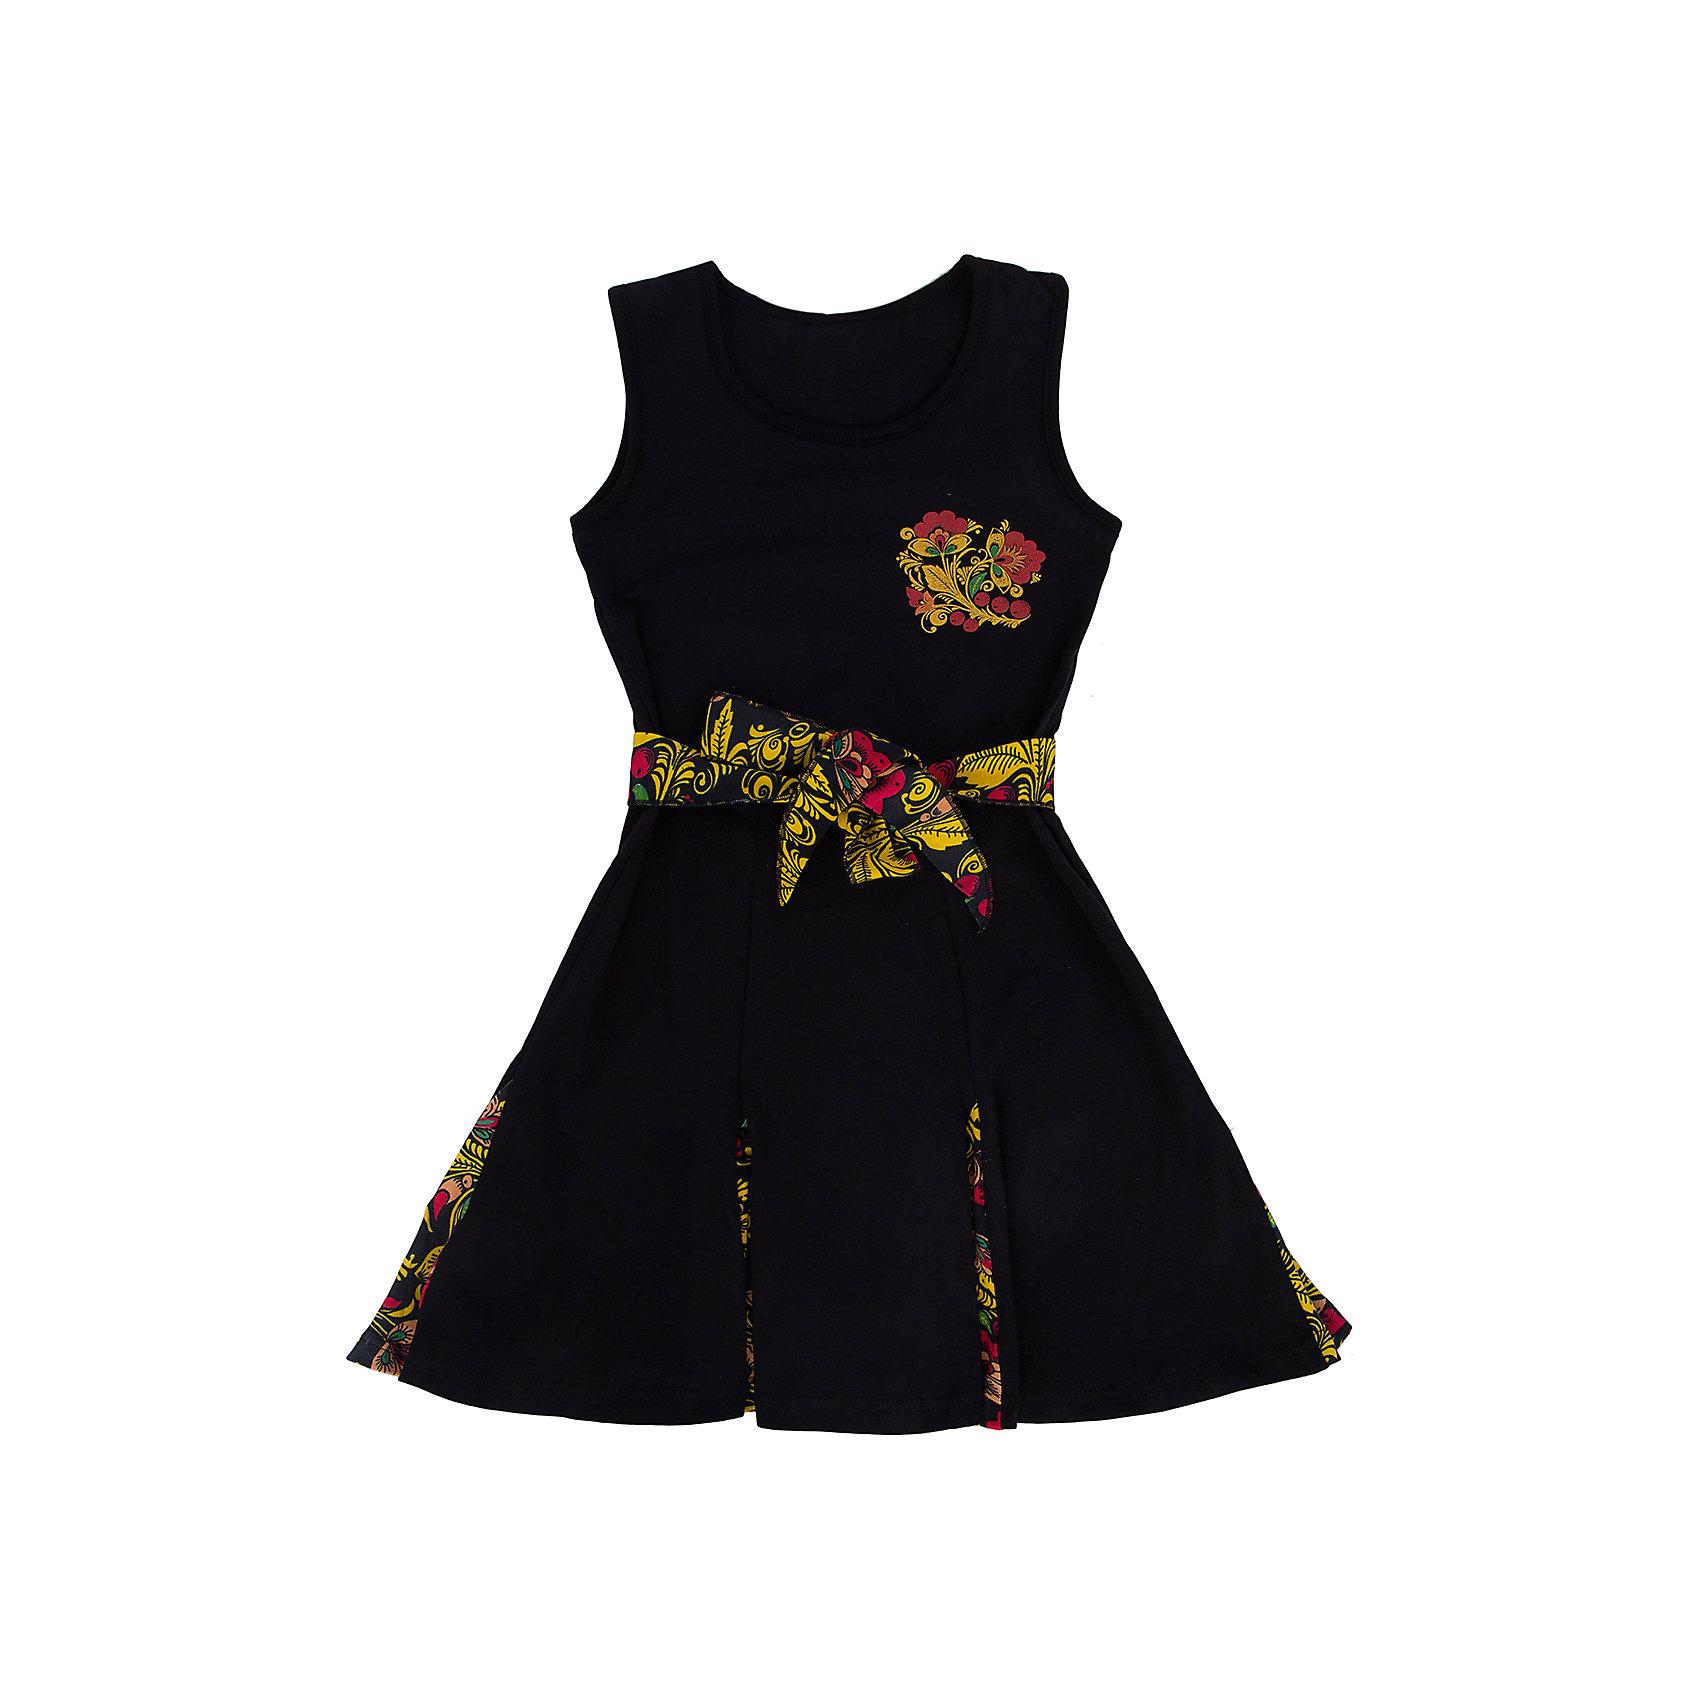 Платье для девочки АпрельПлатья и сарафаны<br>Девчонки те ещё модницы! Кажется, желание выглядеть красиво у них заложено на генном уровне. «Почему бы и нет?», — говорим мы и при выборе одежды для маленьких принцесс обращаем внимание не только на качество, но и на привлекательный внешний вид. Платье для девочки разноцветное — это модель, которая идеально подходит по всем параметрам, потому что она изготовлена из безопасных материалов и имеет необходимые сертификаты качества, скроена с учётом всех важных особенностей строения детской фигуры, за счёт чего обеспечивает исключительный комфорт, отличается дизайном, который определённо понравится девочке.<br><br>Дополнительная информация:<br> <br>- покрой: приталенный<br>- рисунок: черный+ хохлома<br>- длина рукава: без рукавов<br>- длина изделия: по спинке: 63 см<br>- вид застежки: без застежки<br>- фактура материала: трикотажный<br>- длина юбки: мини<br>- тип карманов: без карманов<br>- по назначению: повседневный стиль<br>- уход за вещами: бережная стирка при t не более 40С<br>- назначение: повседневная<br>- сезон: лето<br>- пол: девочки<br>- фирма-производитель: Апрель<br>- страна производитель: Россия<br>- комплектация: платье<br>- коллекции Хохлома<br>Платье для девочки коллекции Хохлома от торговой марки Апрель можно купить в нашем интернет-магазине.<br><br>Ширина мм: 236<br>Глубина мм: 16<br>Высота мм: 184<br>Вес г: 177<br>Цвет: разноцветный<br>Возраст от месяцев: 84<br>Возраст до месяцев: 96<br>Пол: Женский<br>Возраст: Детский<br>Размер: 128,122,134,140,116<br>SKU: 4763618